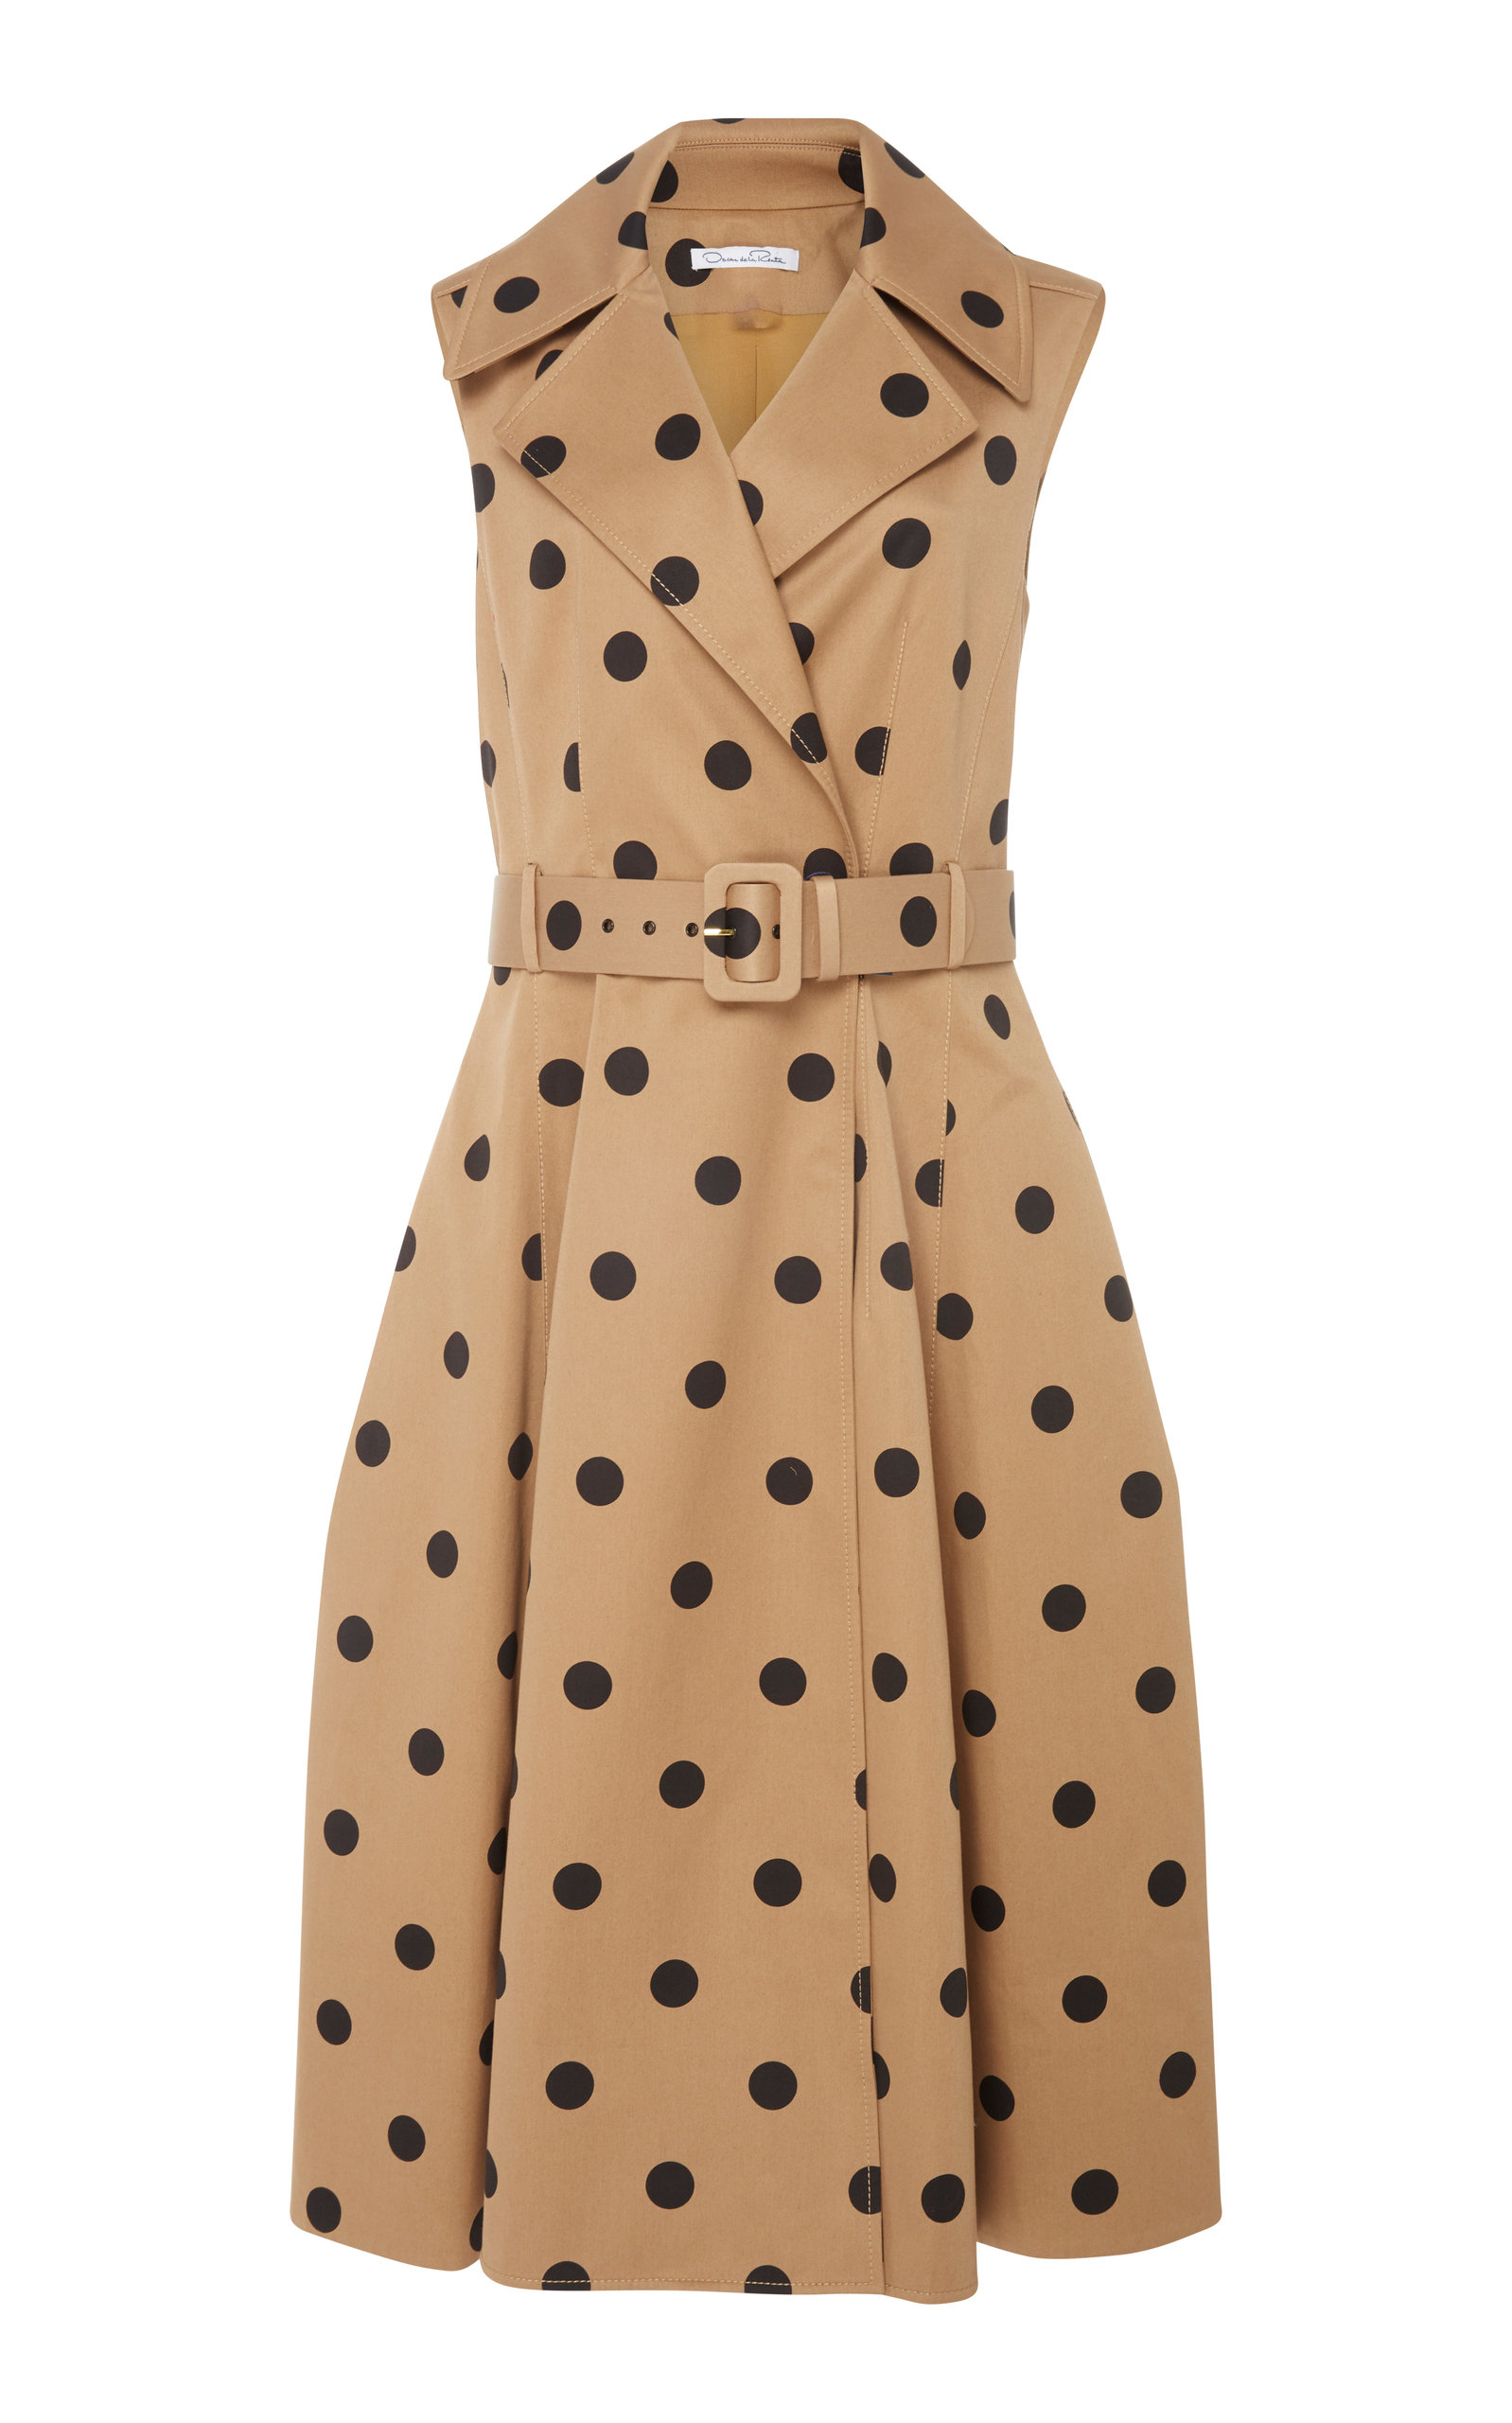 OSCAR DE LA RENTA Sleeveless Polka-Dot Twill Tea-Length Dress W/ Wide Belt in Brown